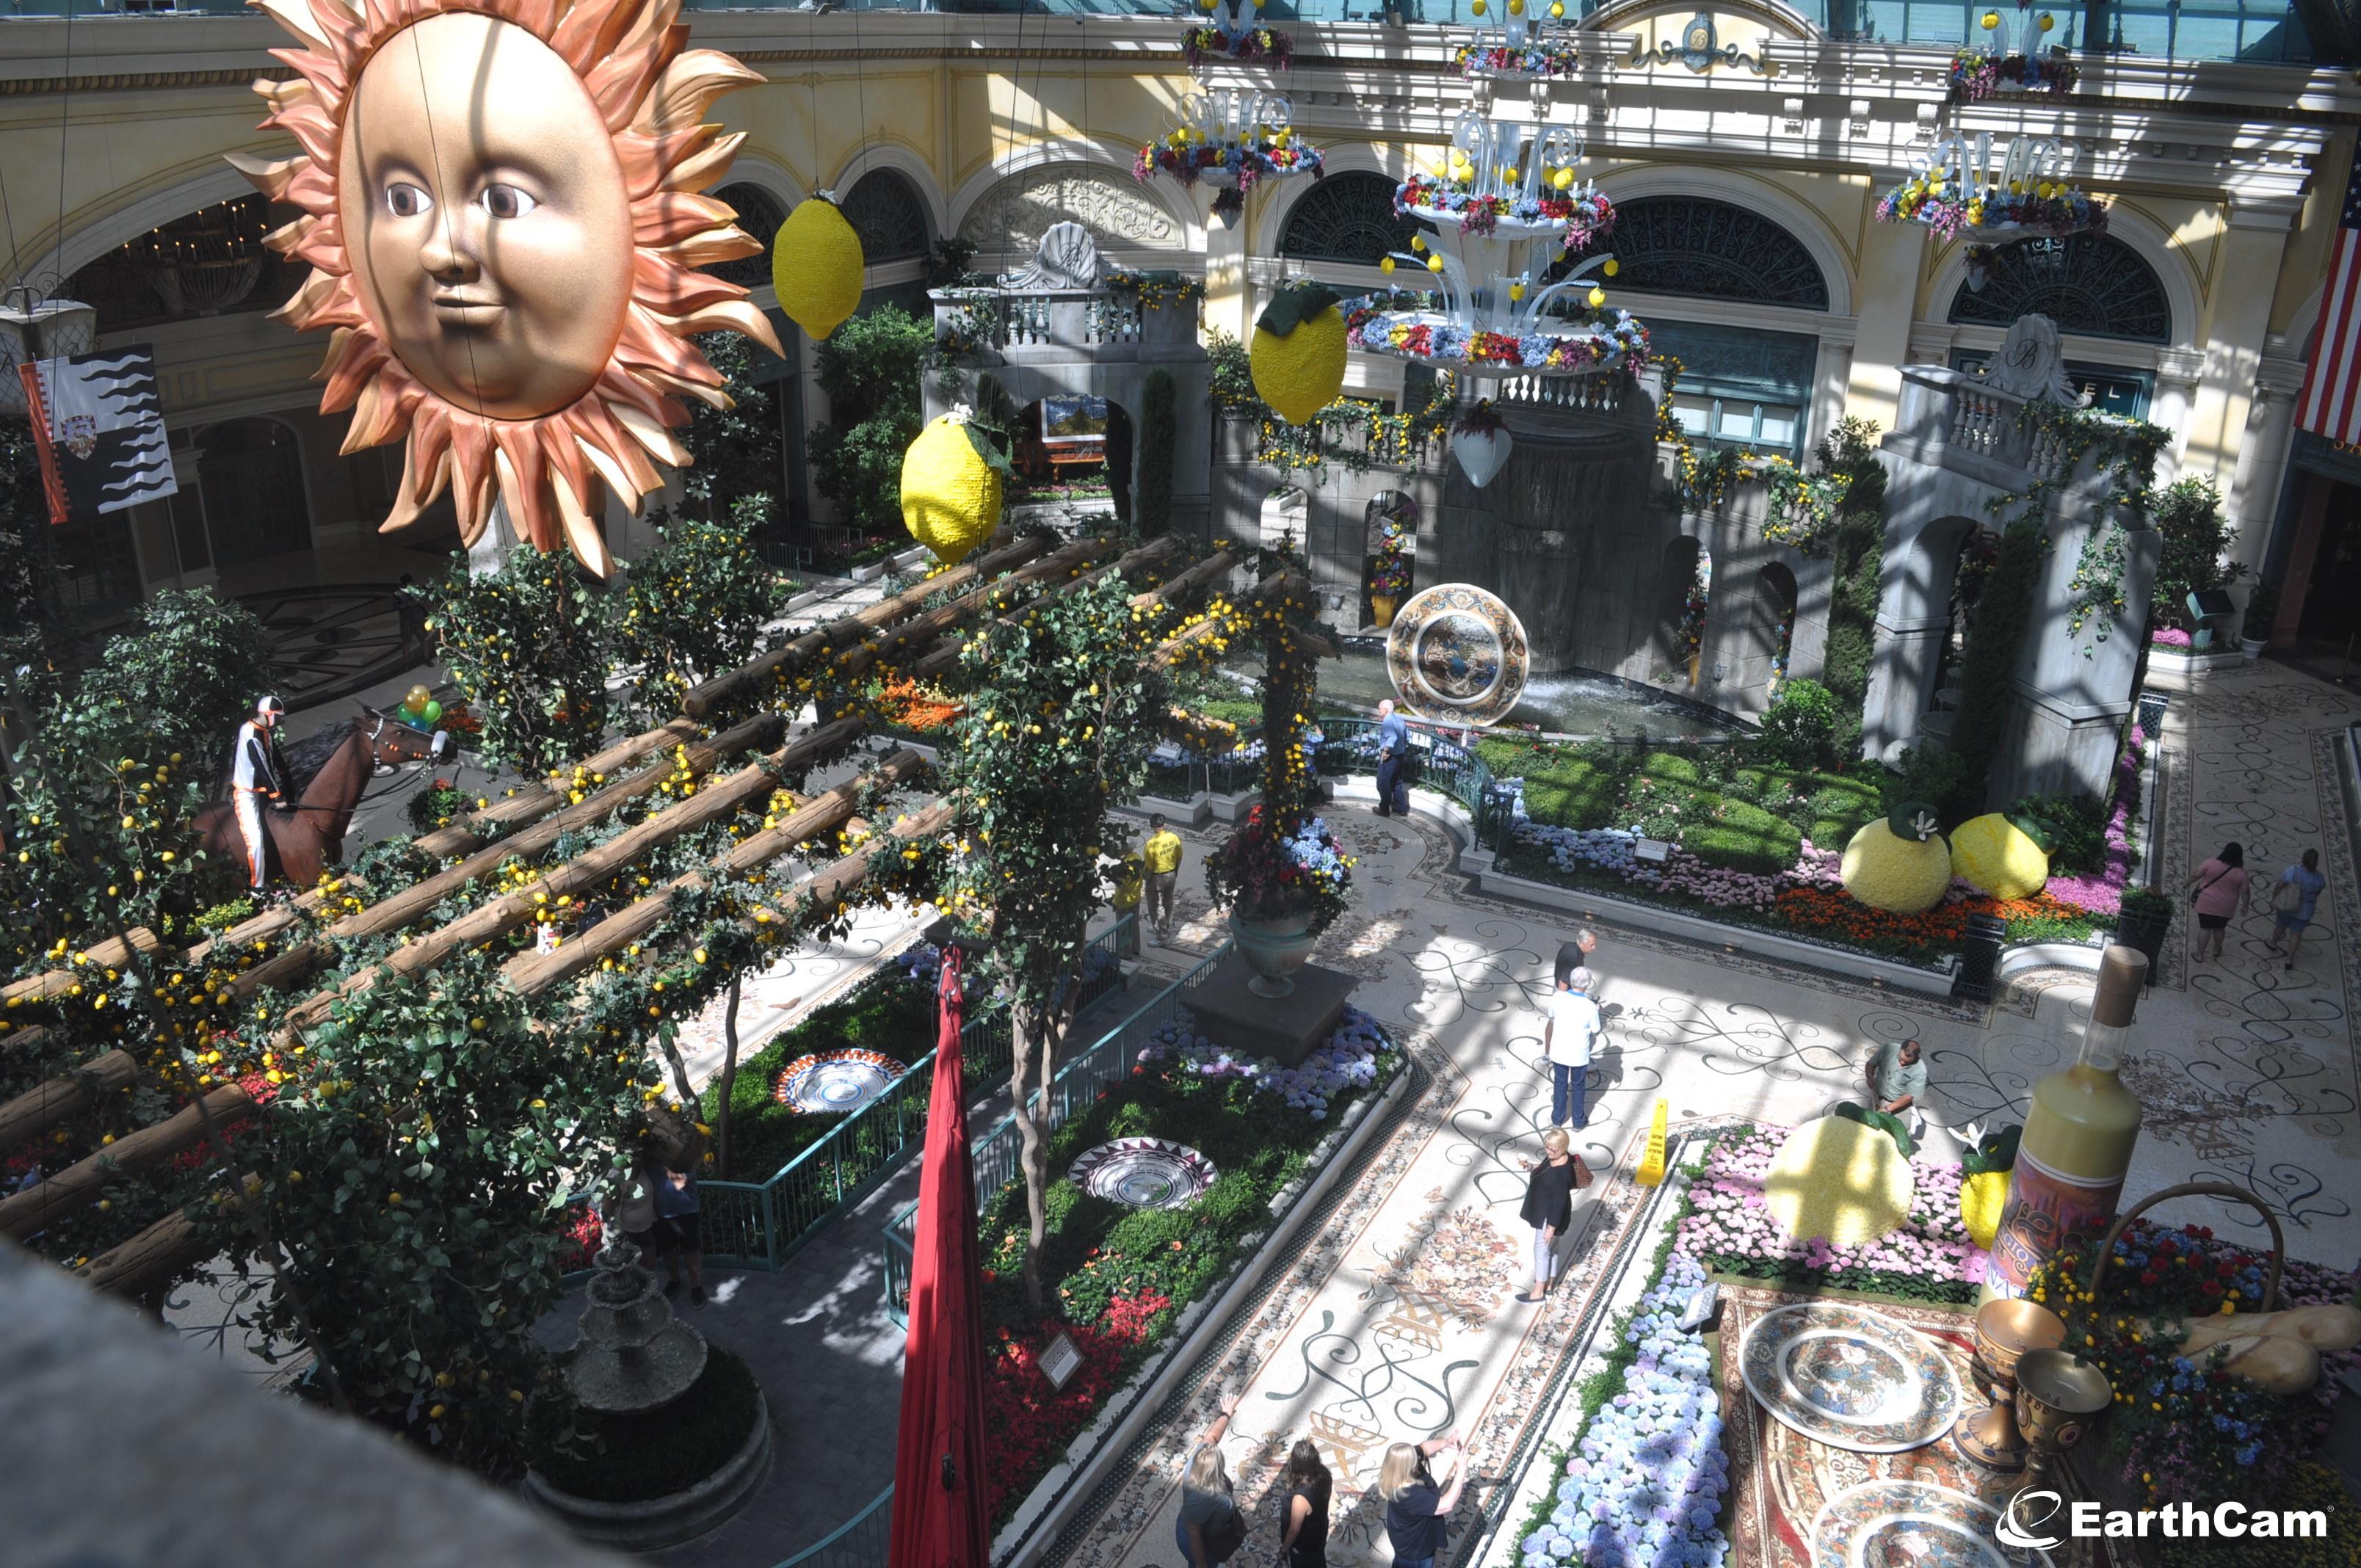 百樂宮酒店花園今夏主題為「甜蜜生活」,展現義大利異國風情。Bellagio